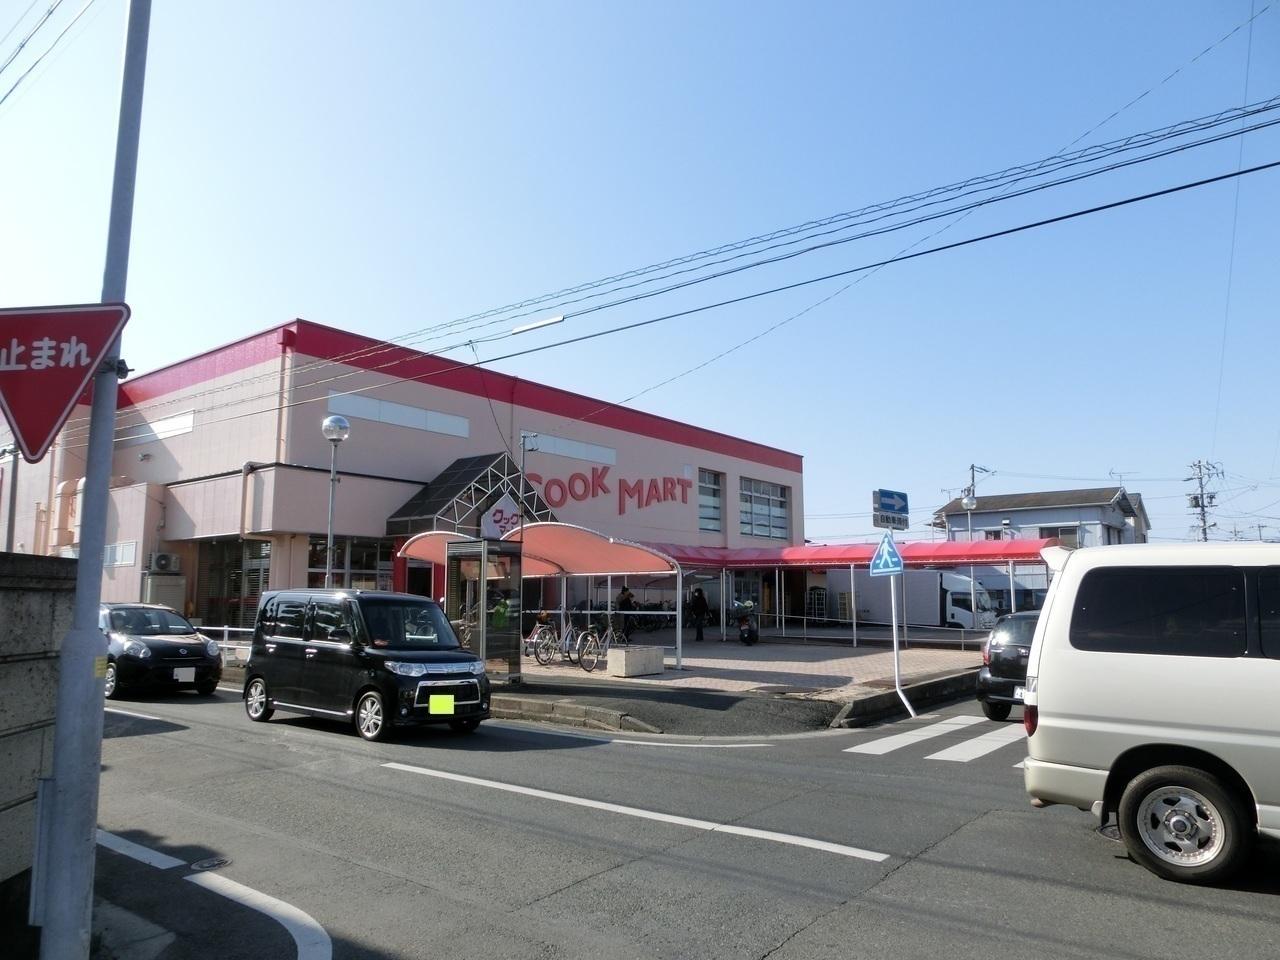 【スーパー】クックマートユーアイ店まで徒歩9分(707m)